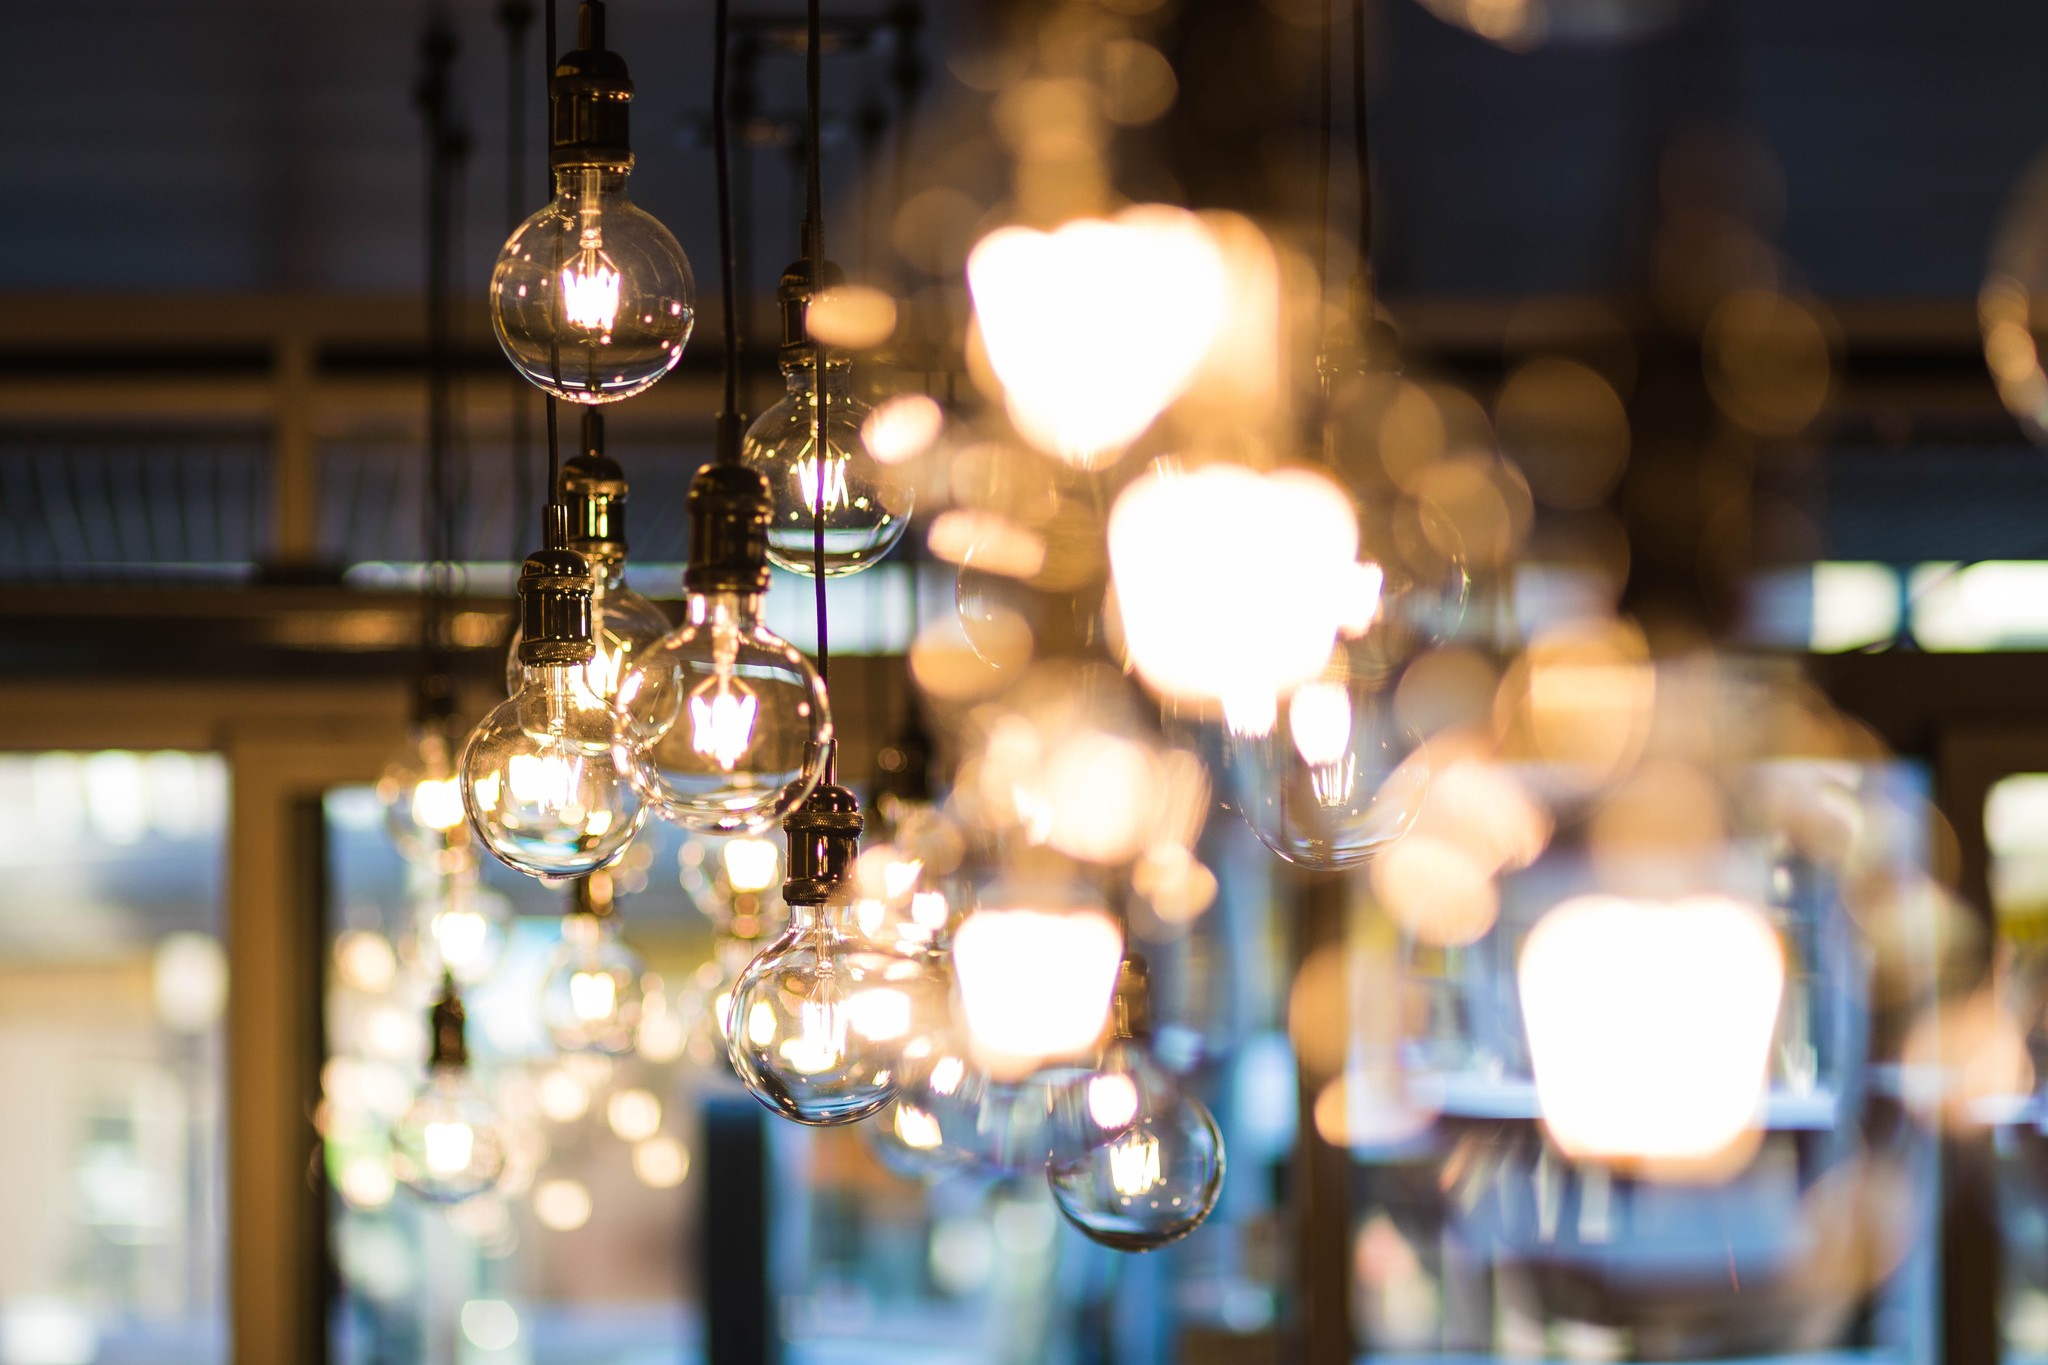 LED-verlichting voor elke stijl van woning? Zeker weten!